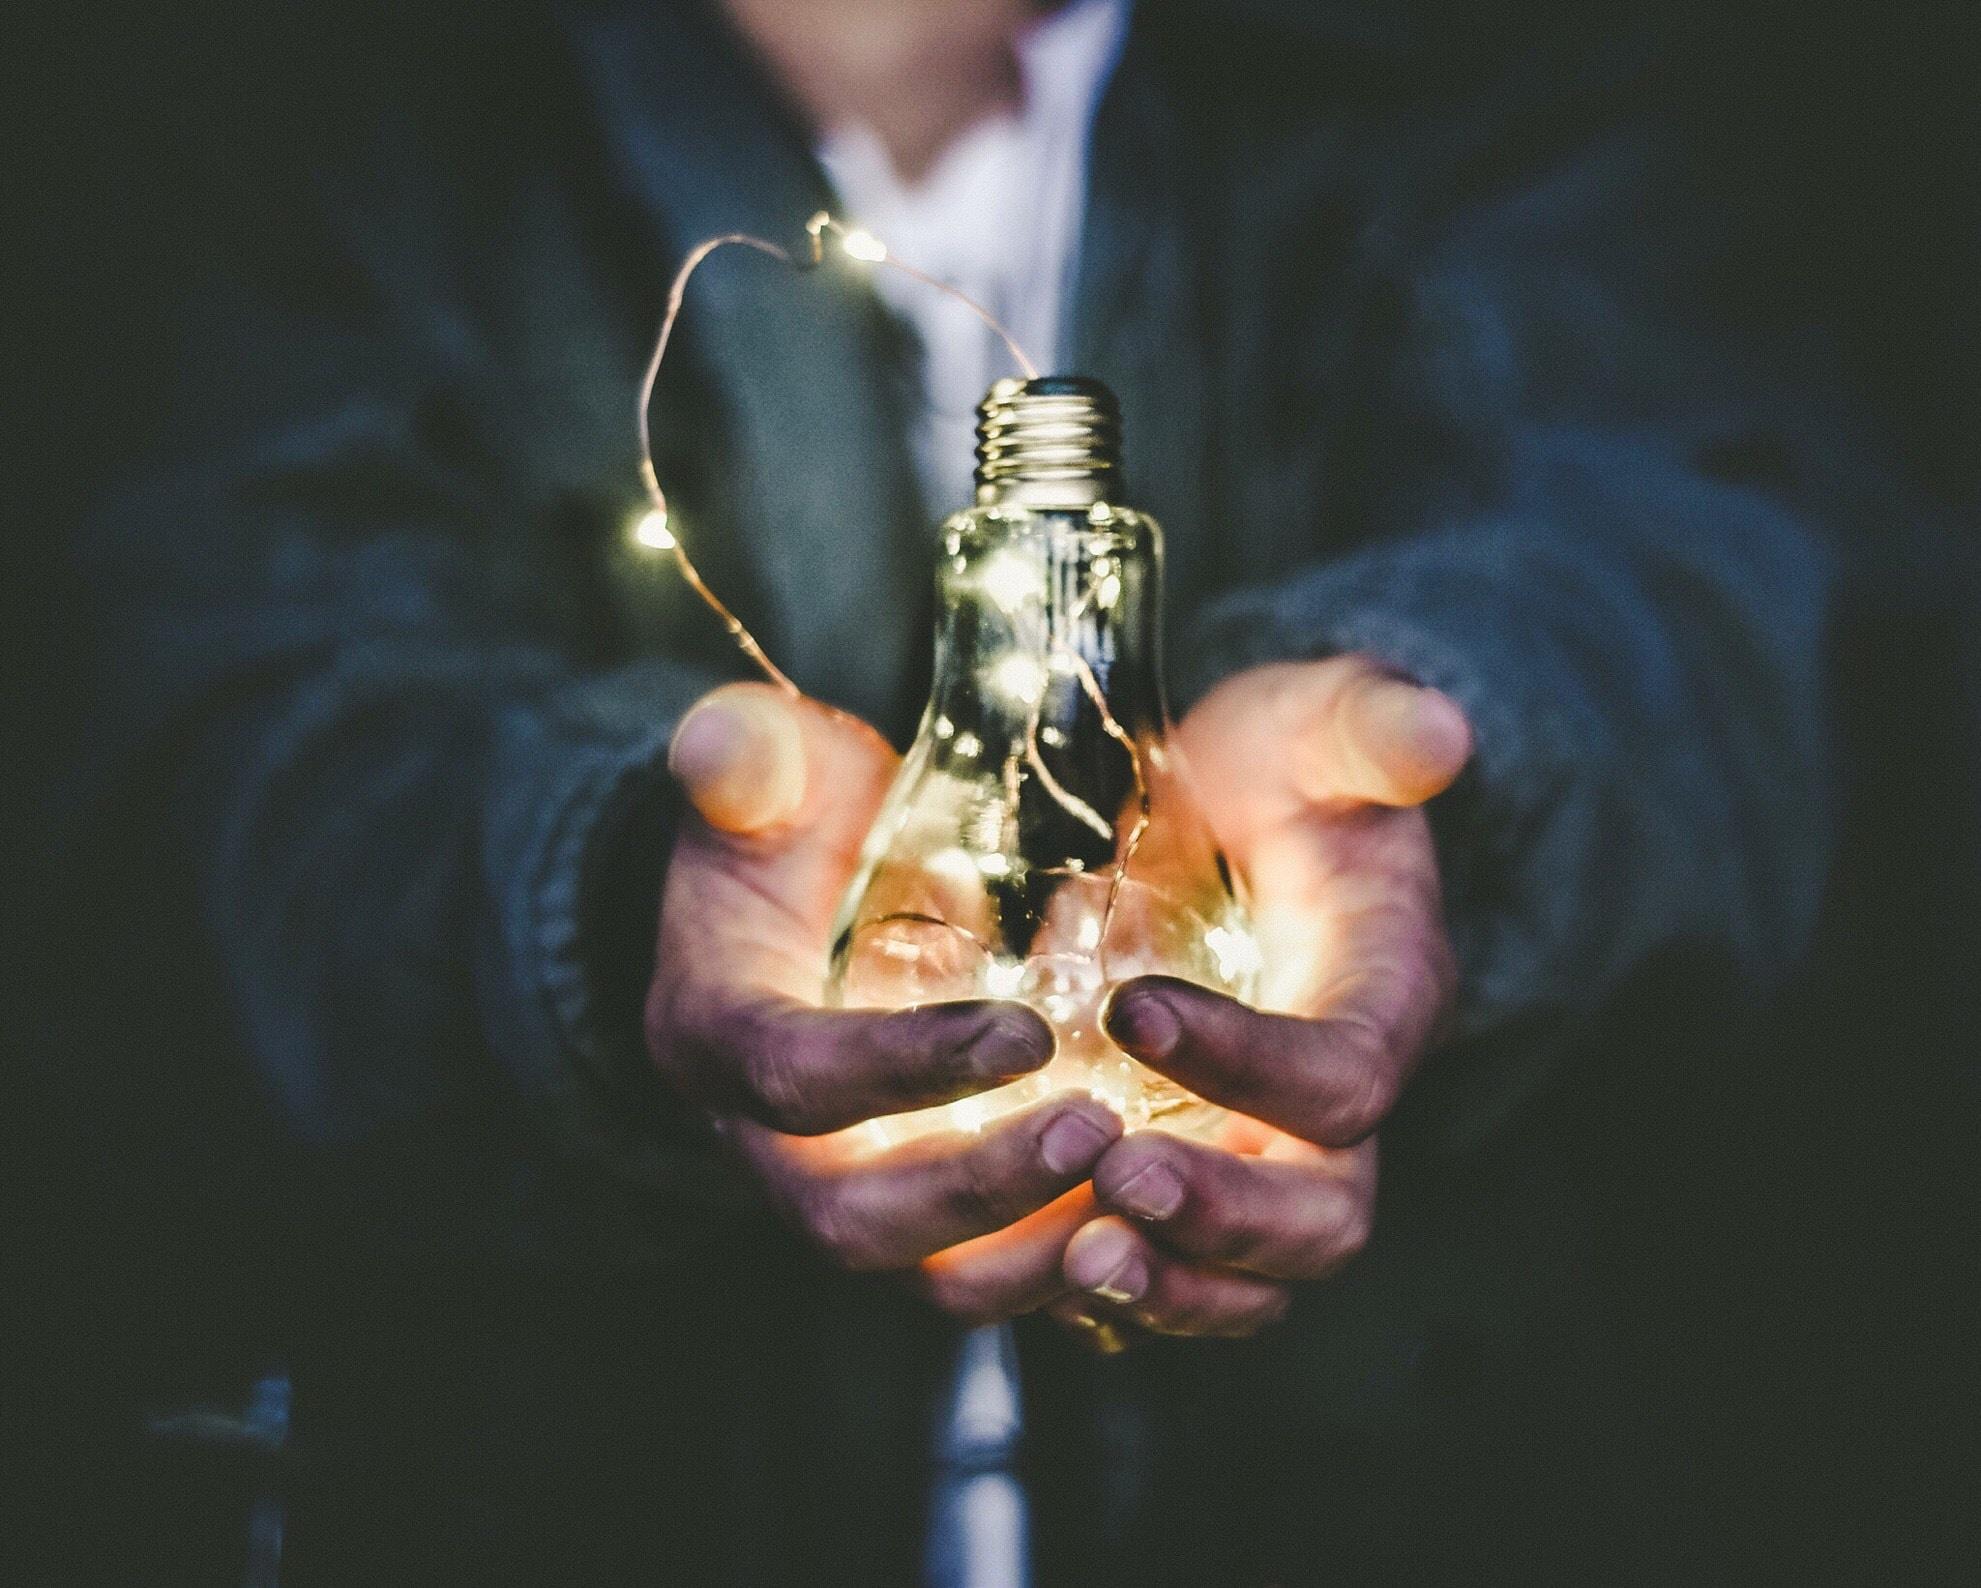 R150-million for Entrepreneurs from MIC Khulisani Ventures